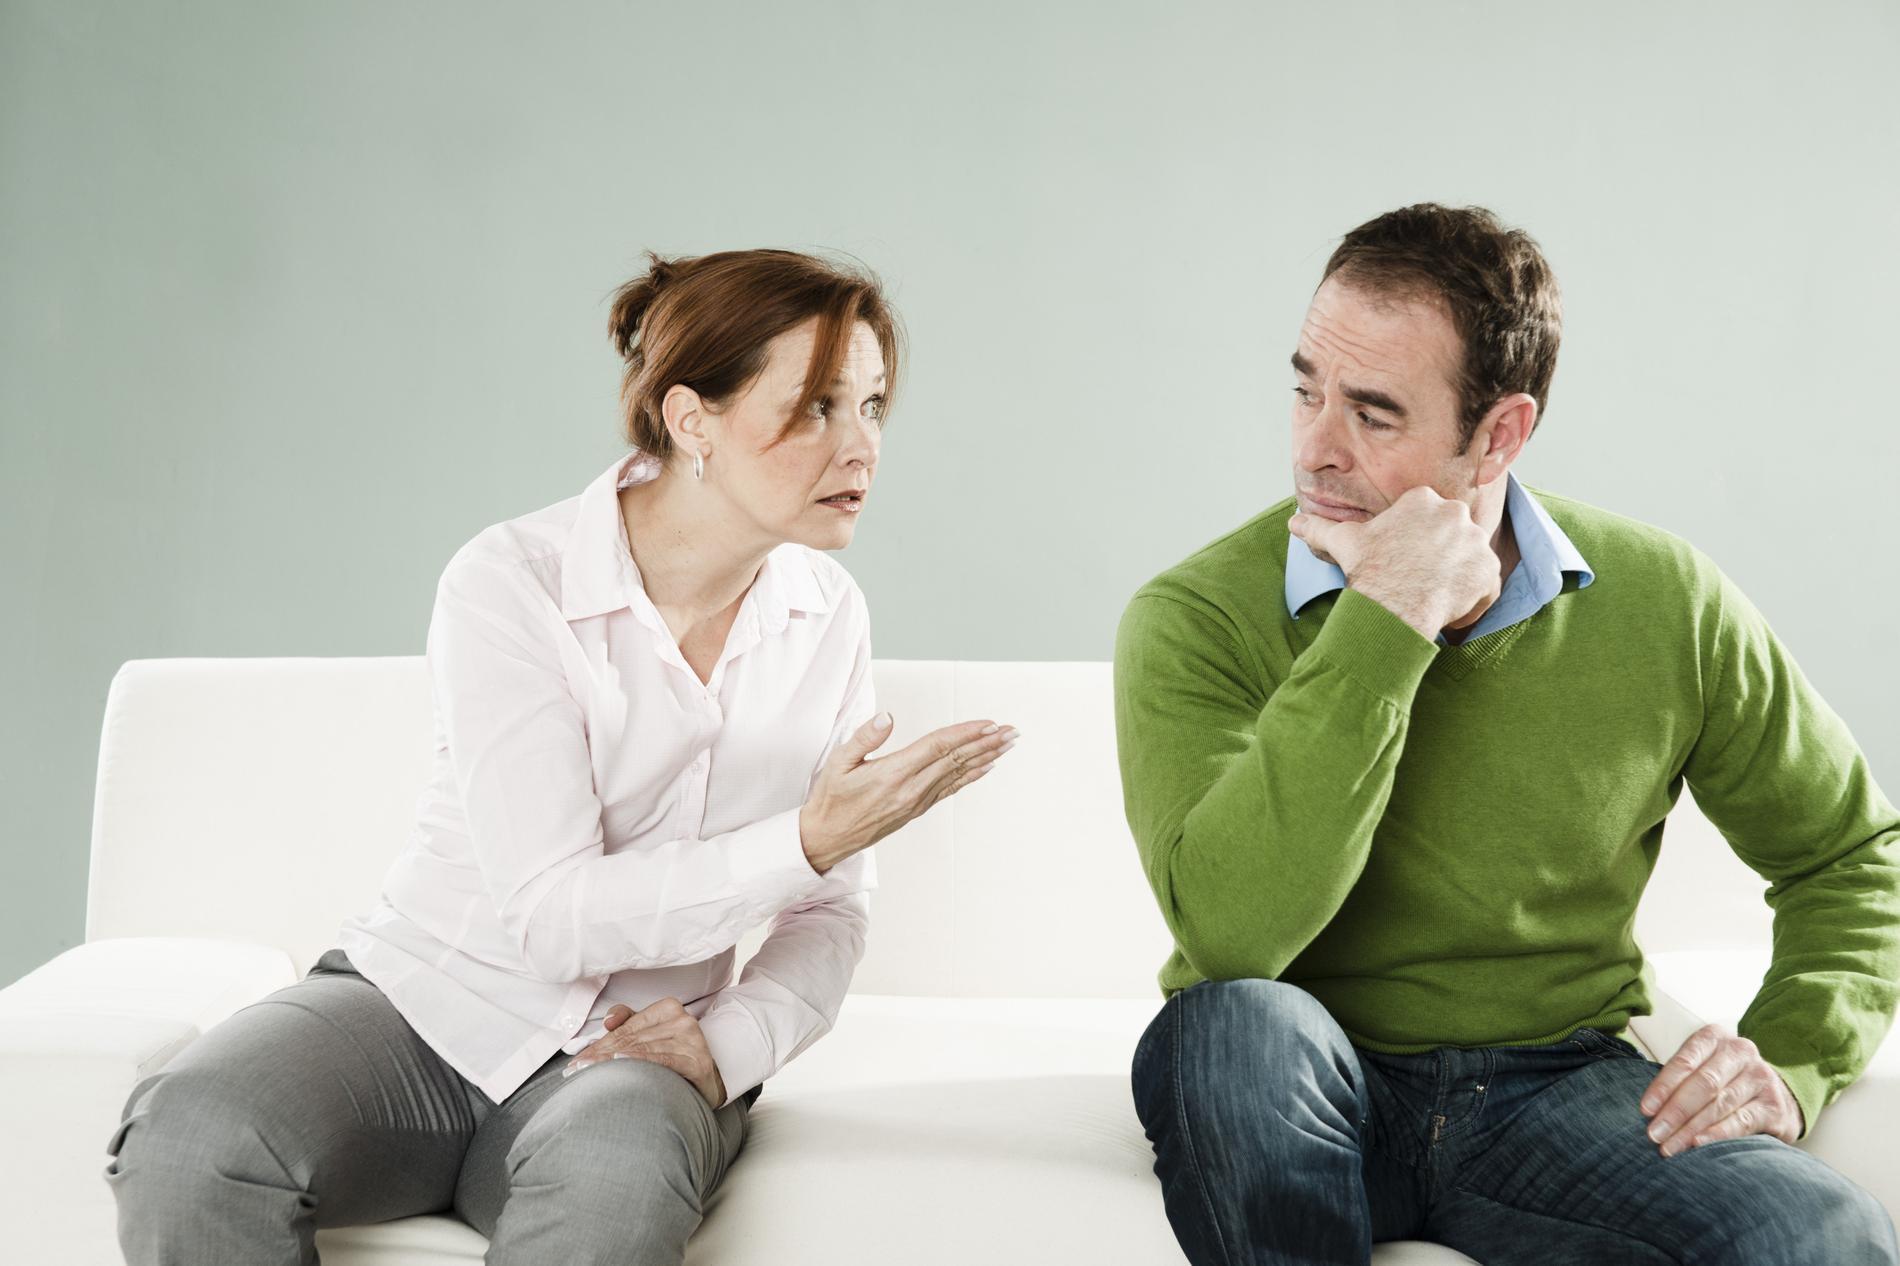 femme hommes incapables sont Les d'écouter plus une parler 8nk0OXPNw